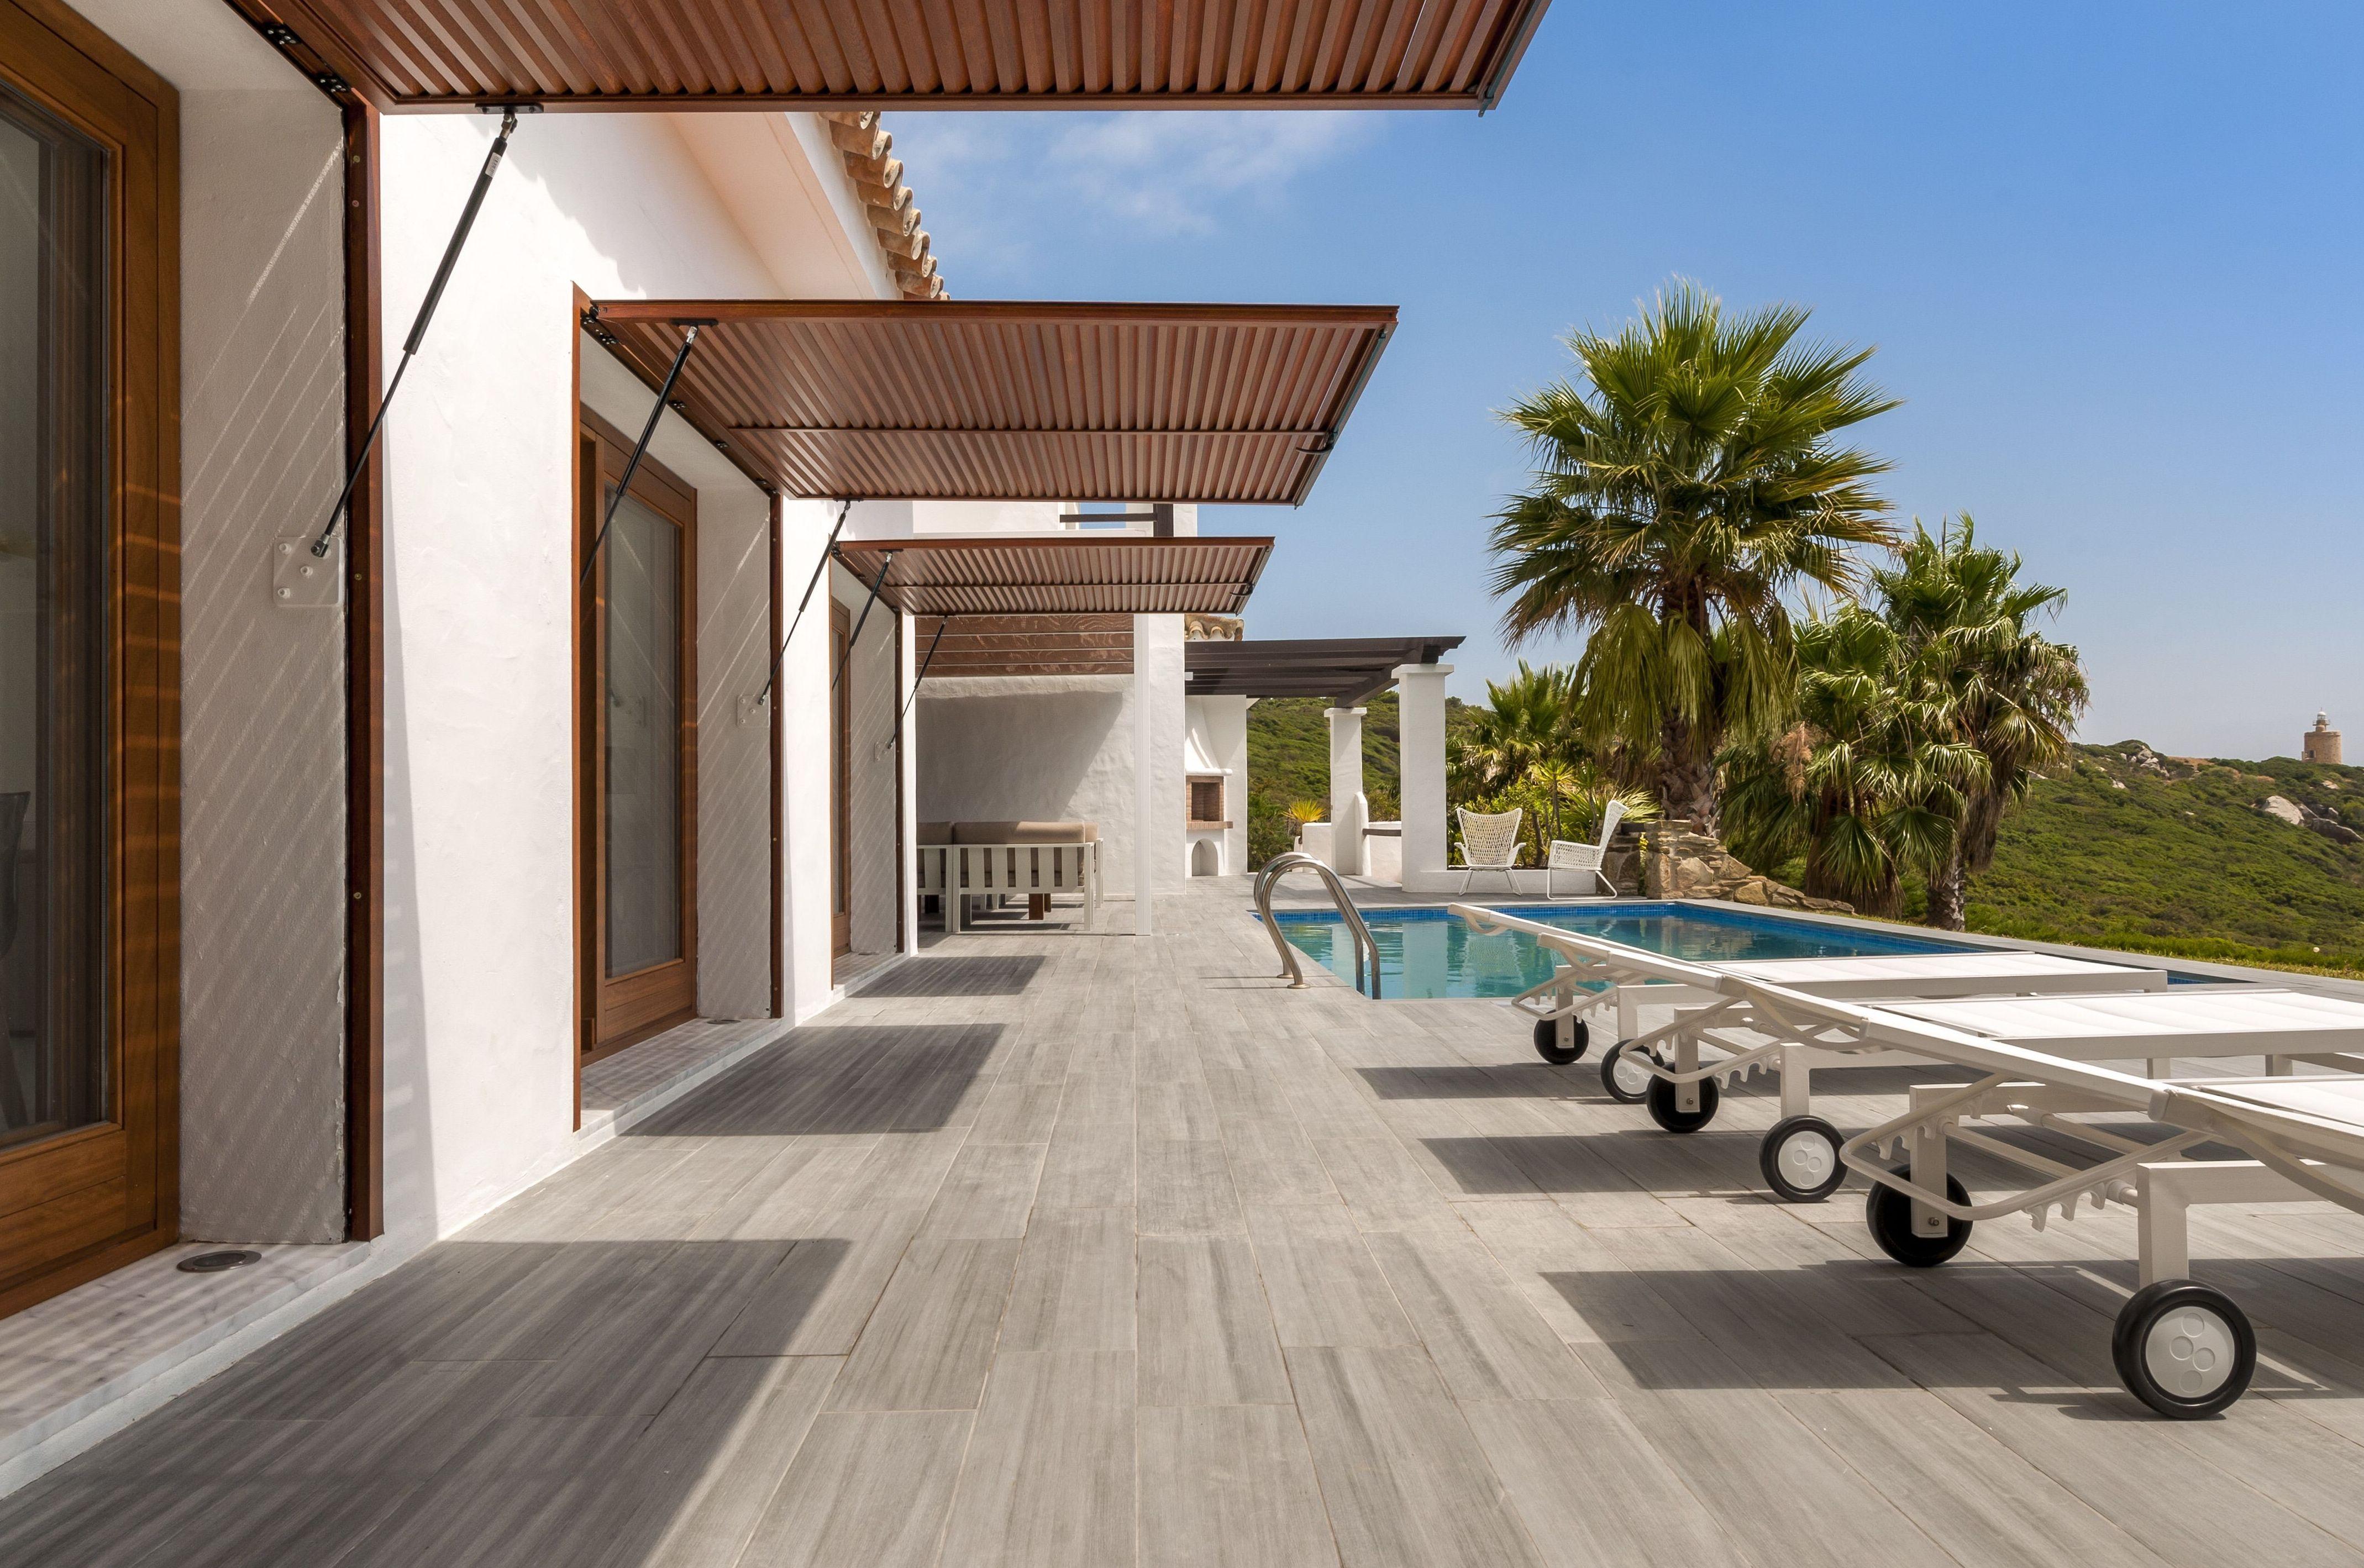 Despacho de arquitectos en Cádiz